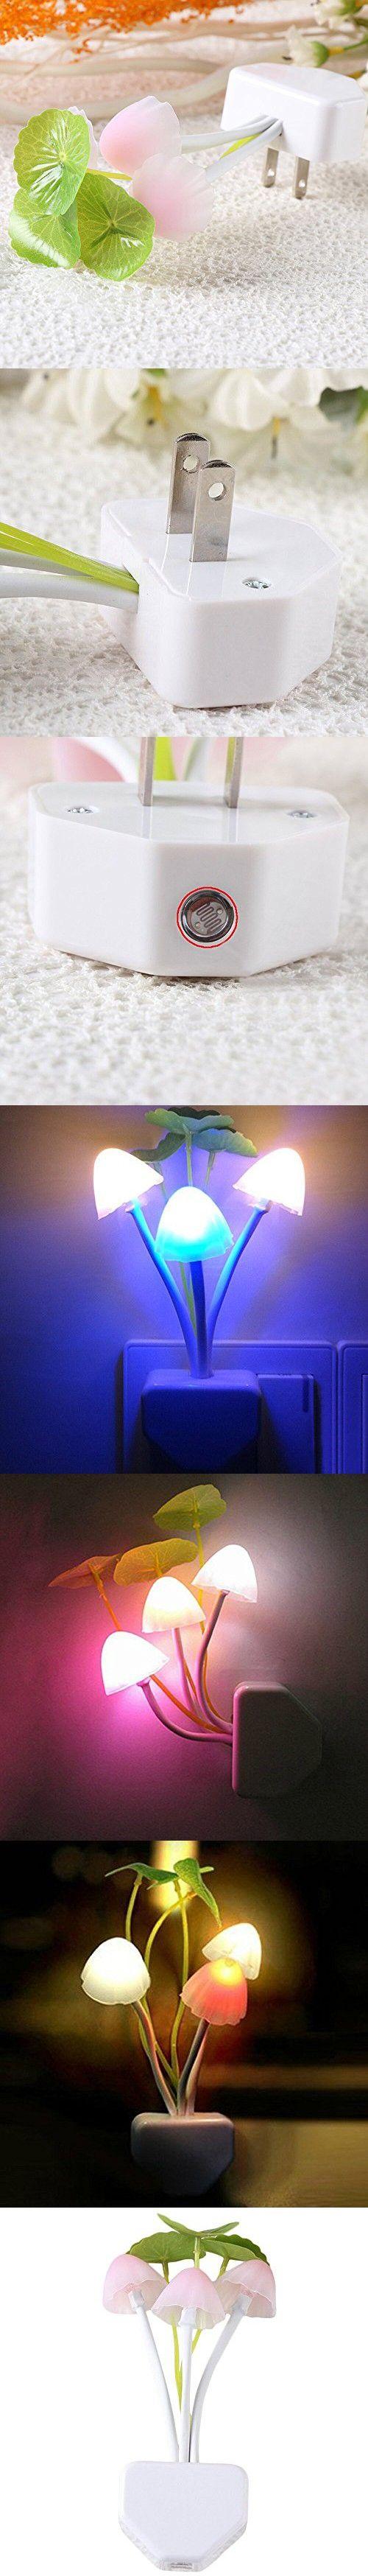 Led outside night light - Nicerocker New Energy Saving Creative Design Led Night Light For Bed Lamp Home Decor